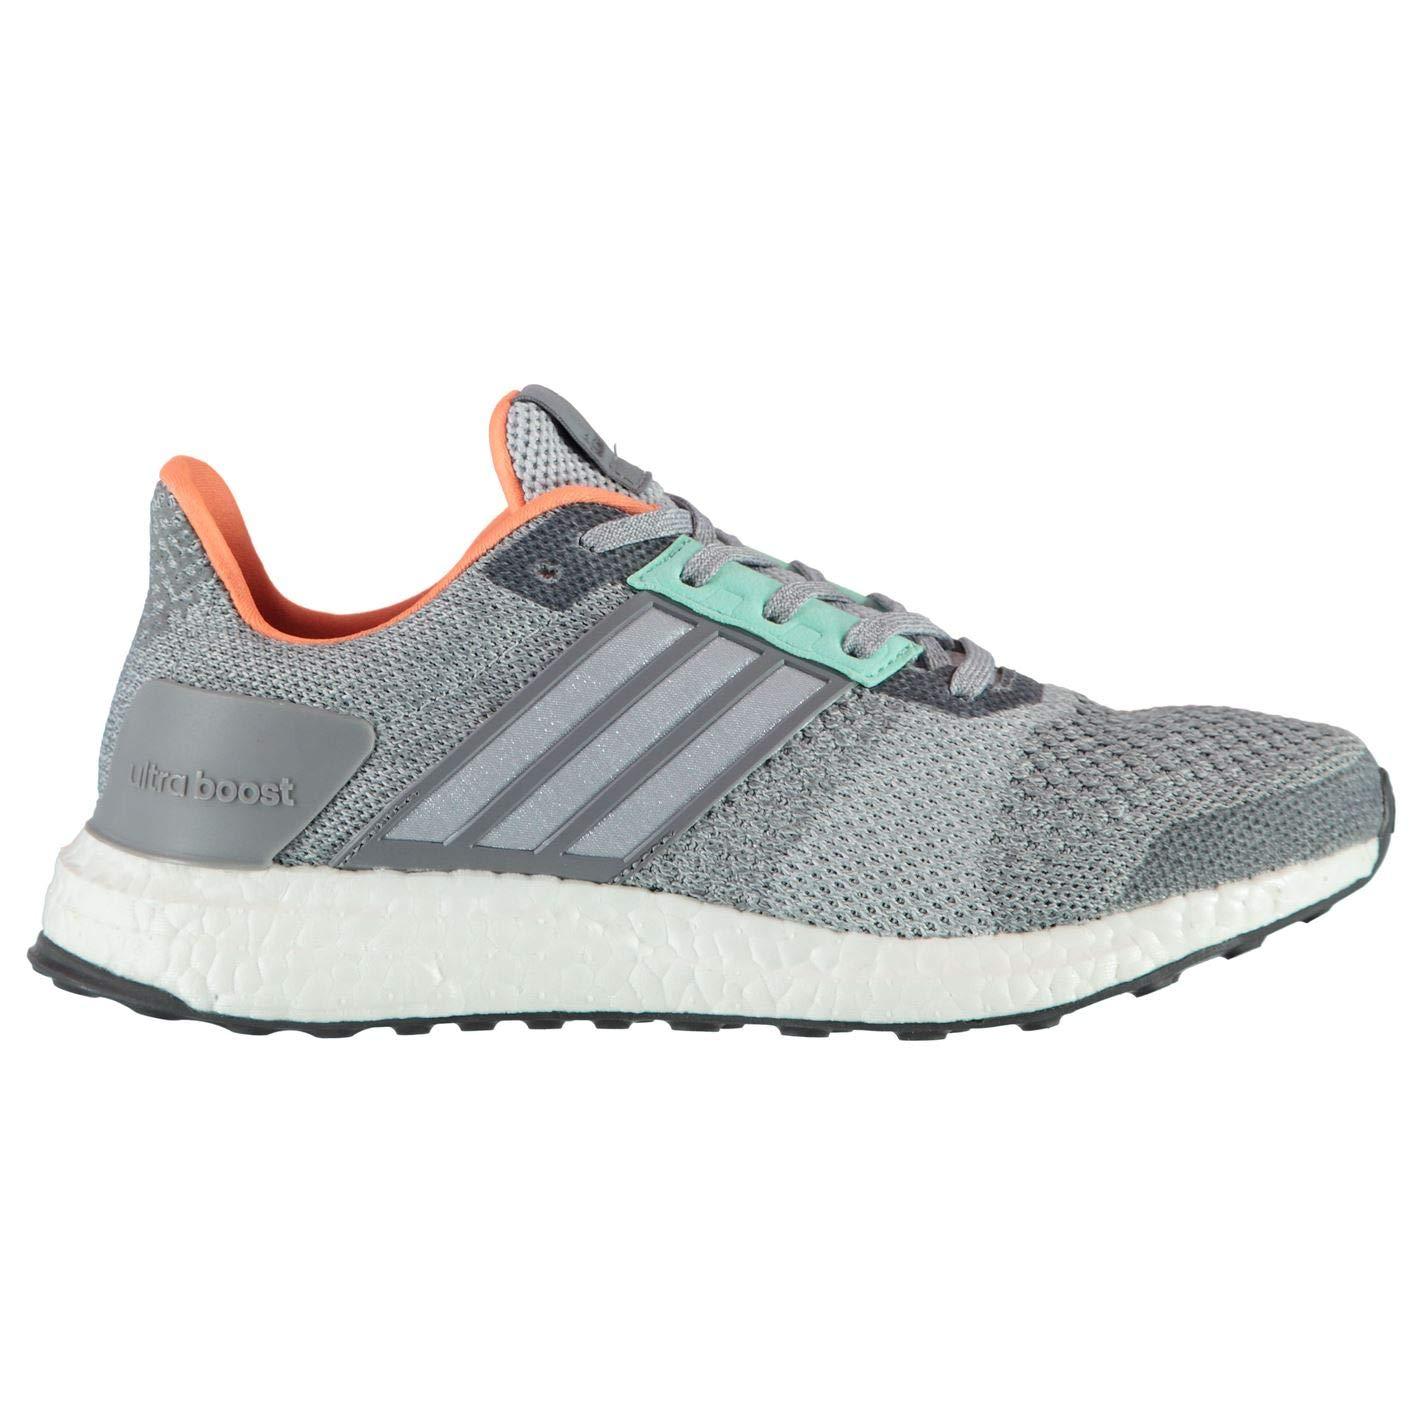 Adidas Ultra Boost ST W Clear grau Weiß Grün